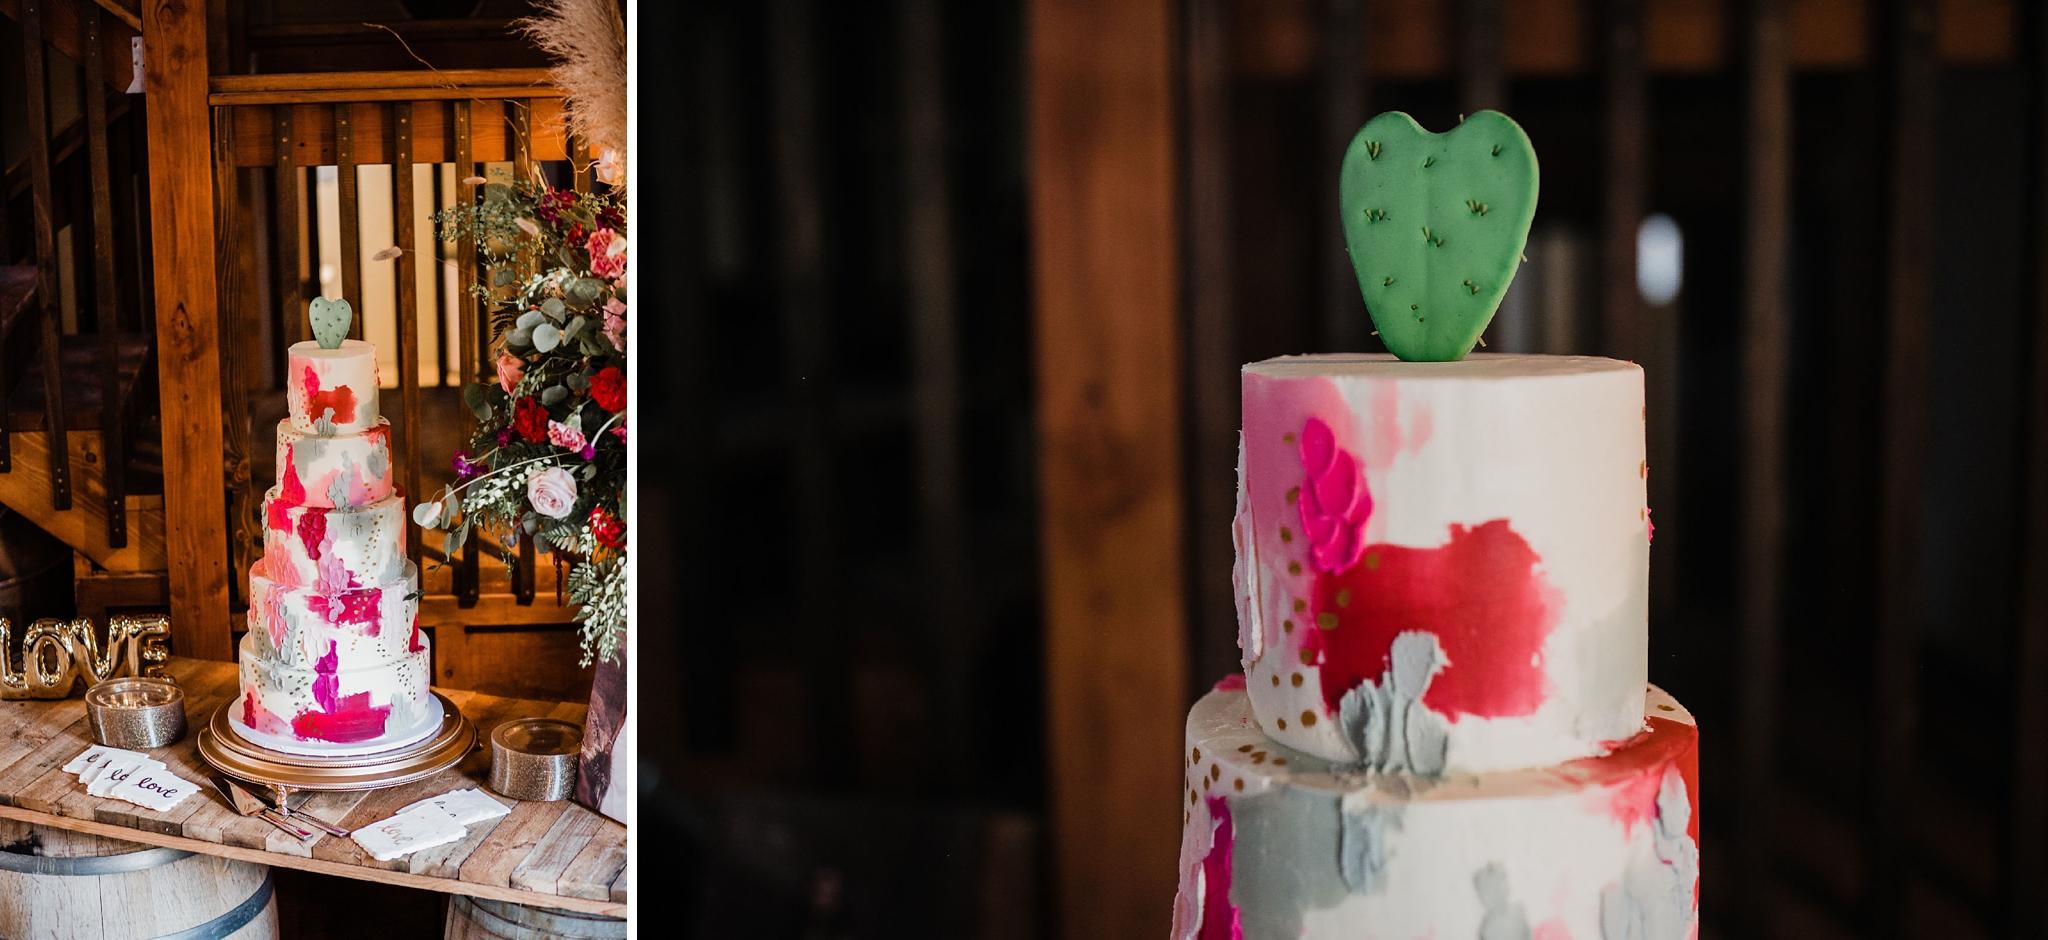 Alicia+lucia+photography+-+albuquerque+wedding+photographer+-+santa+fe+wedding+photography+-+new+mexico+wedding+photographer+-+new+mexico+wedding+-+new+mexico+wedding+-+wedding+florals+-+desert+wedding+-+wedding+trends_0077.jpg